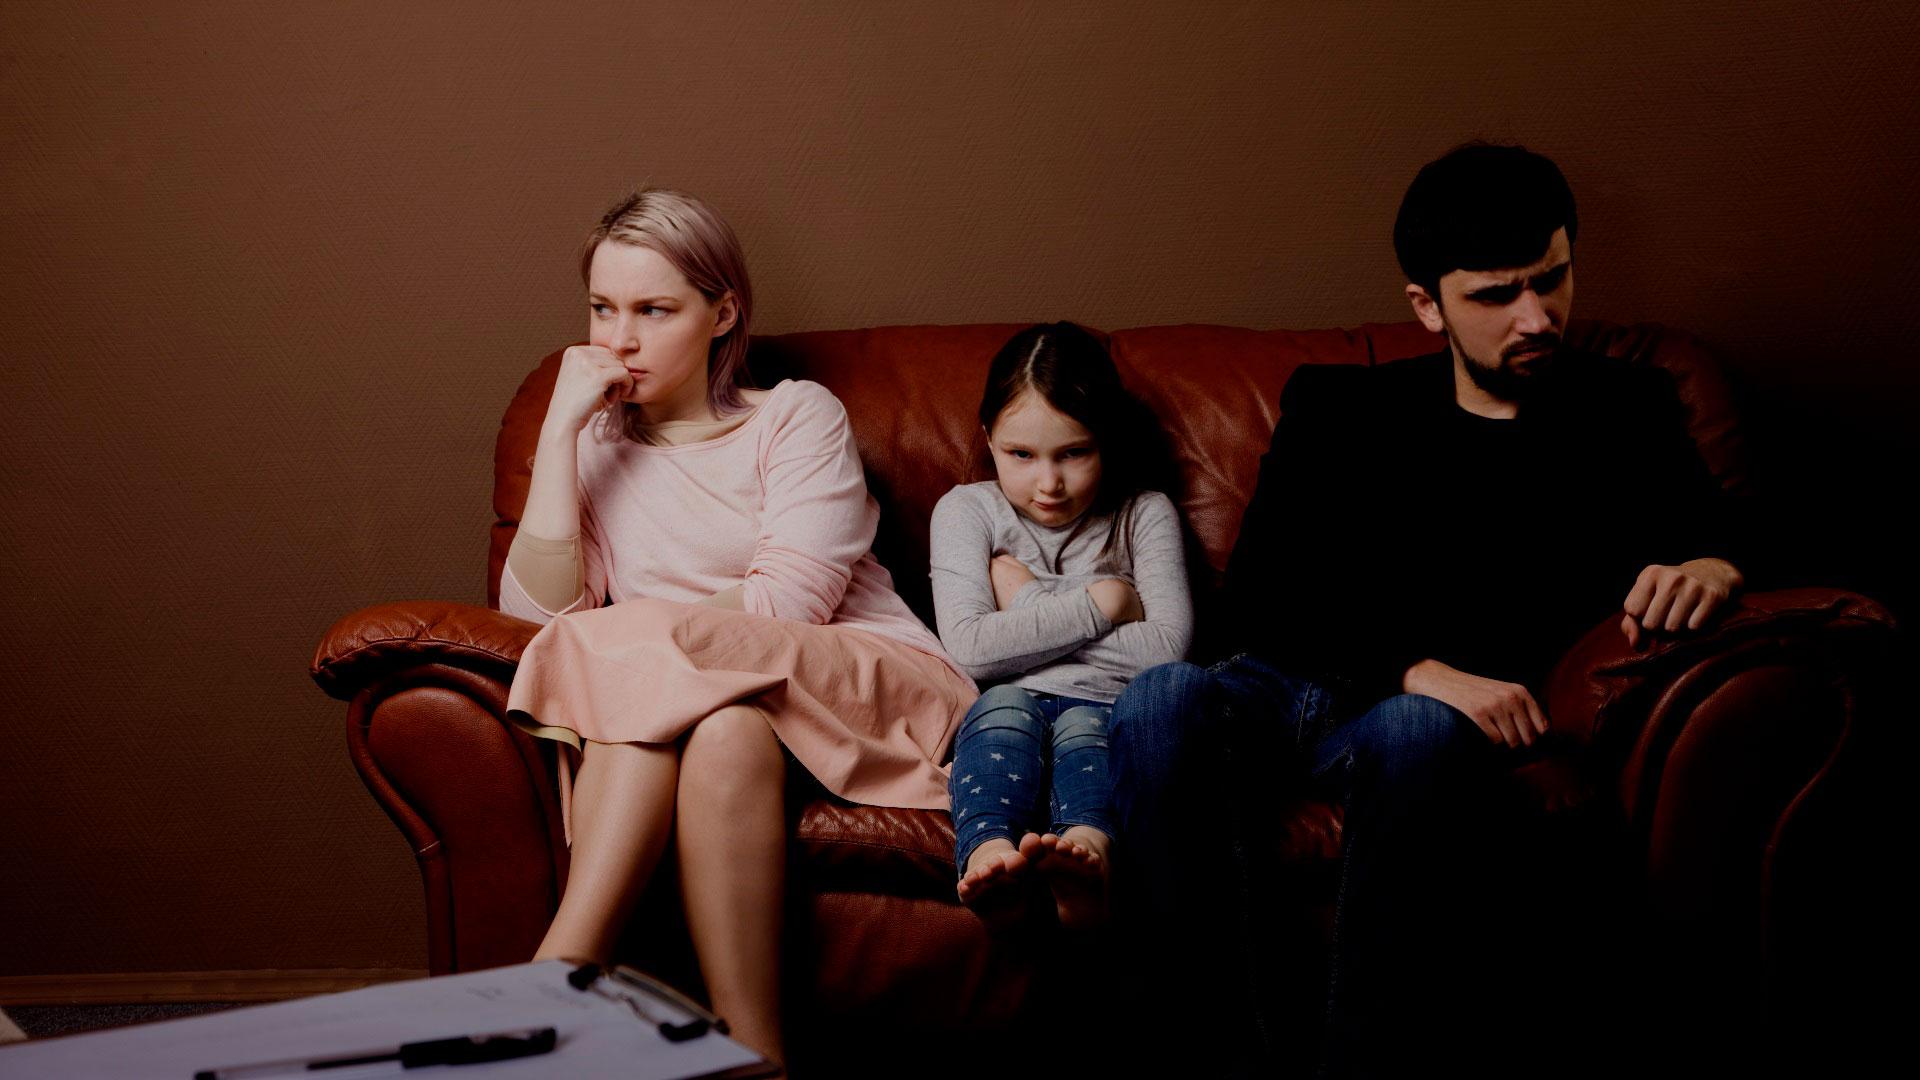 psicologa-martesana-psicoterapia-famiglia